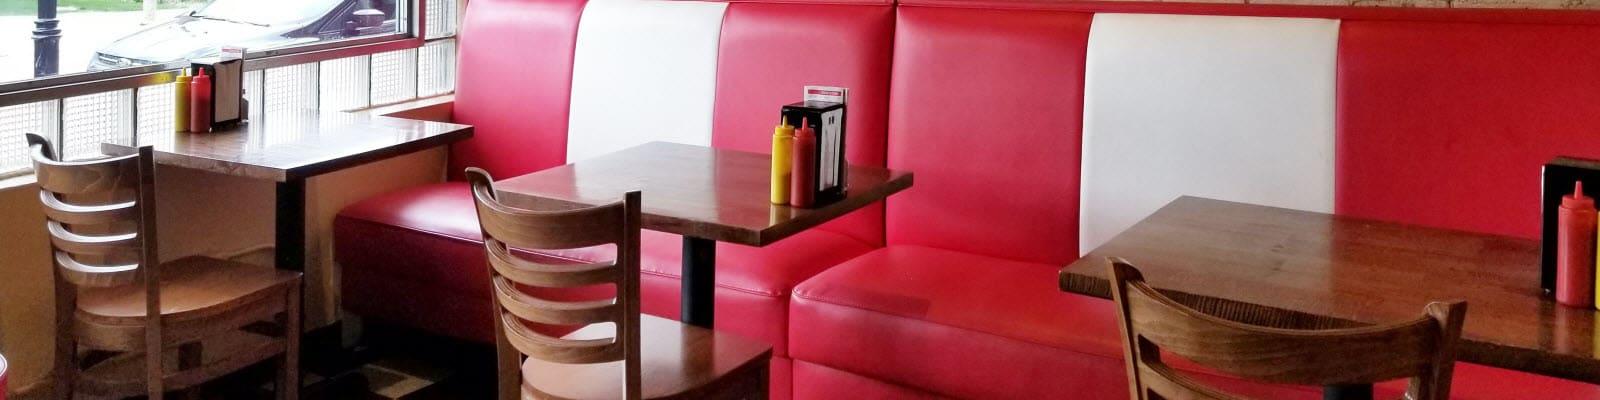 Diner furniture and design